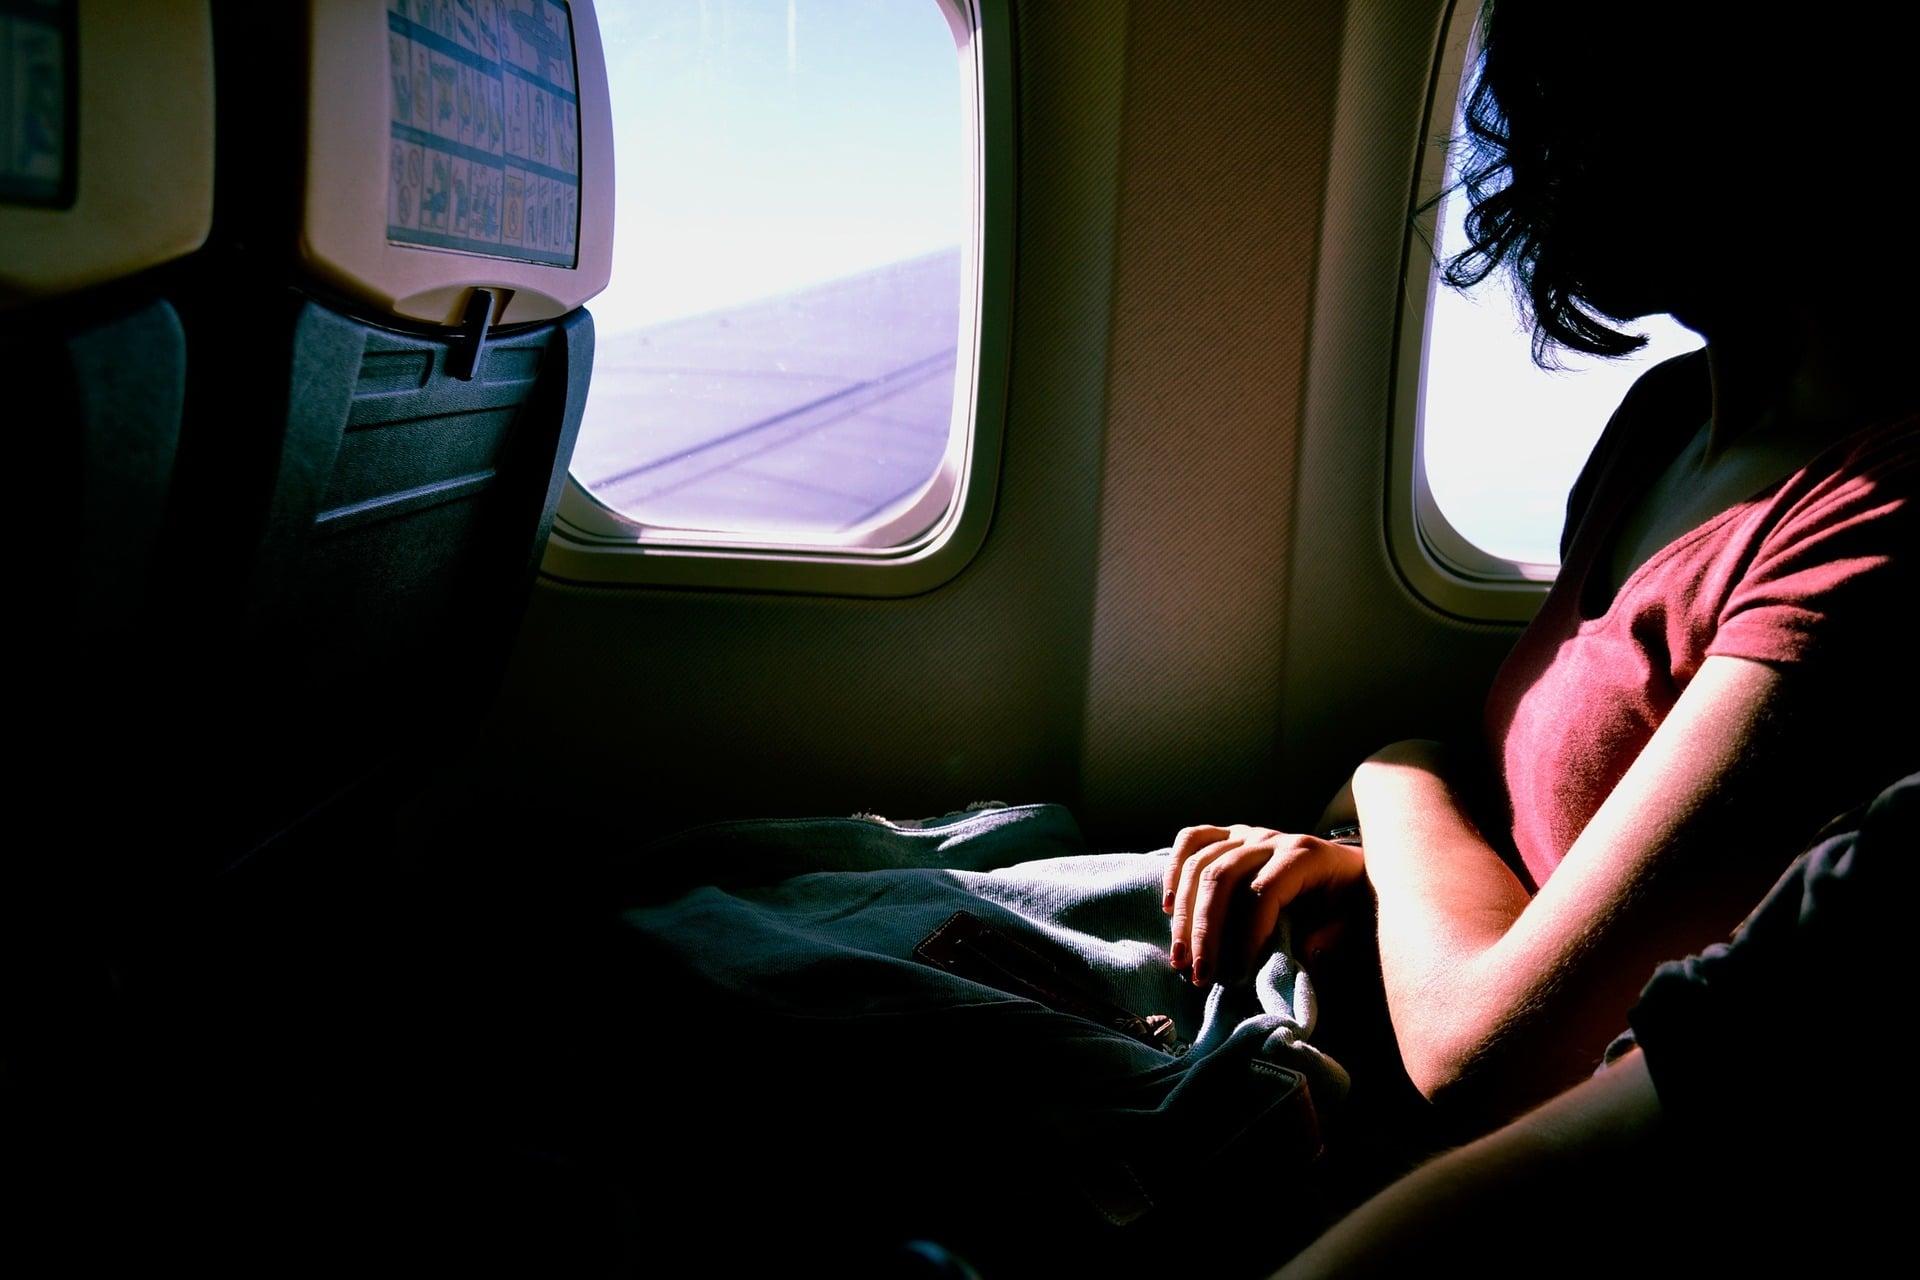 Astuce : quelle est la meilleure place dans l'avion pour éviter les turbulences ?